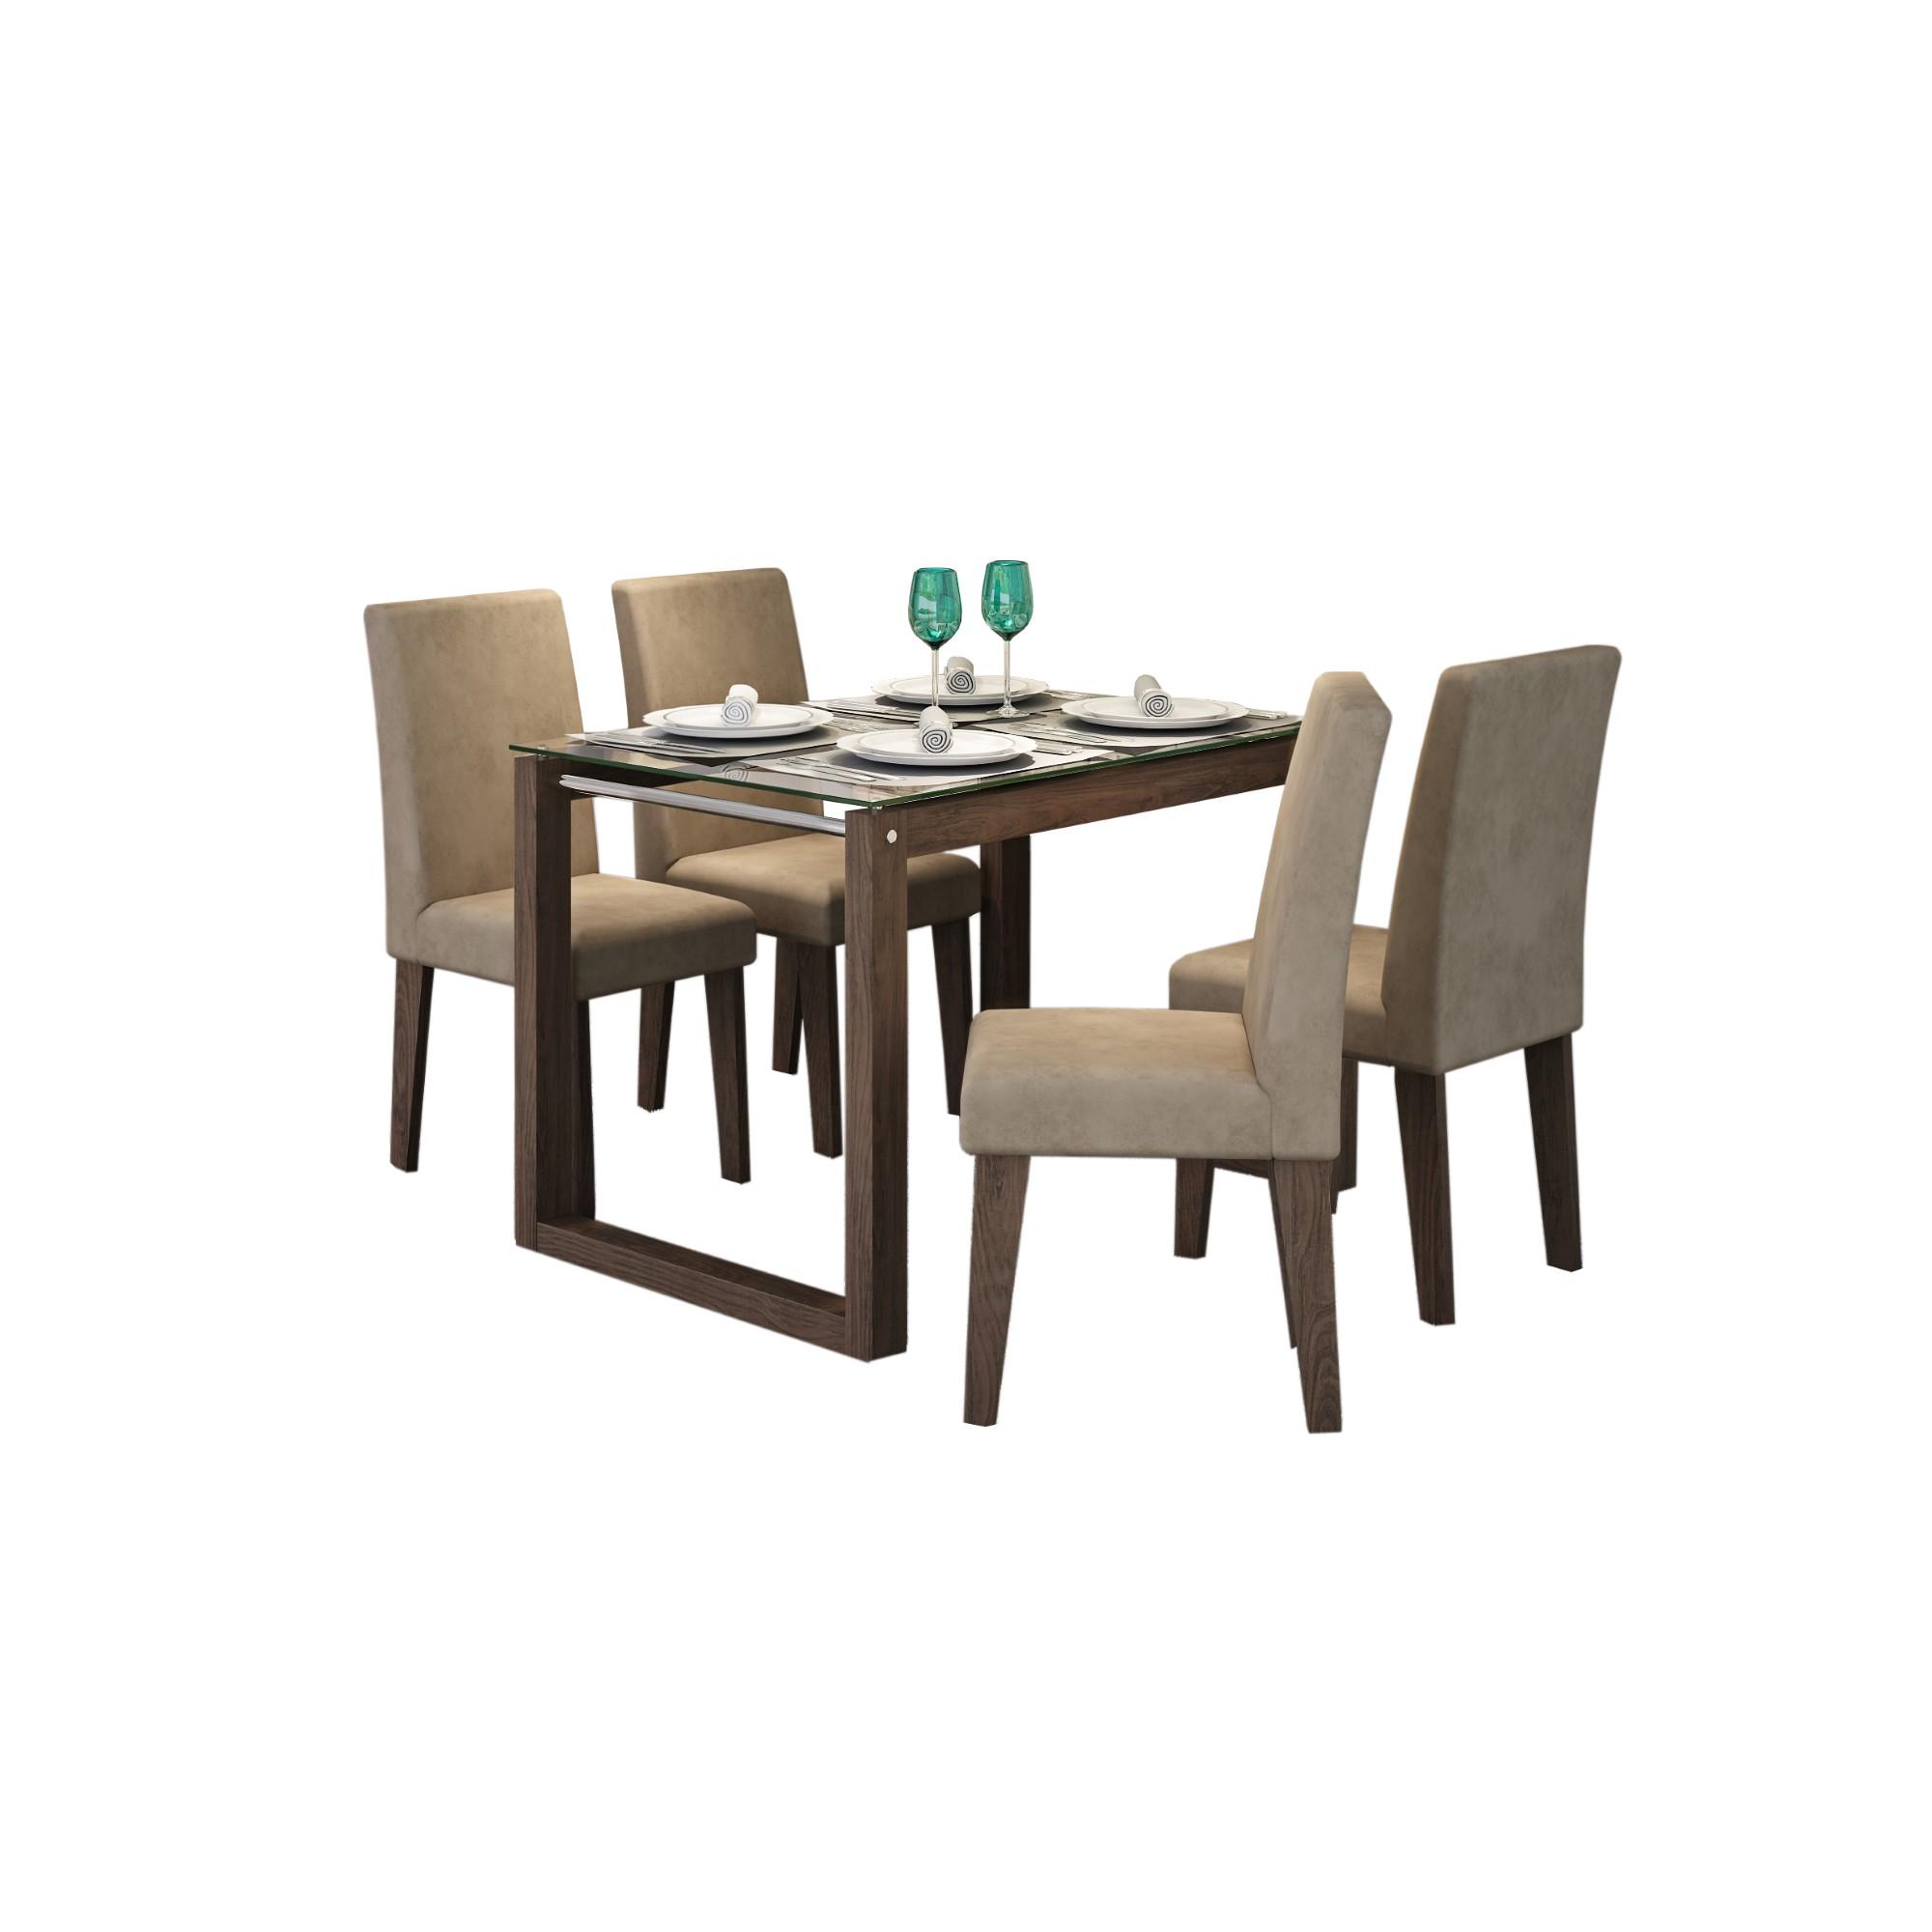 Conjunto de com 4 Cadeiras Mesa 120x80 cm Anita Suede Marfim - Cimol